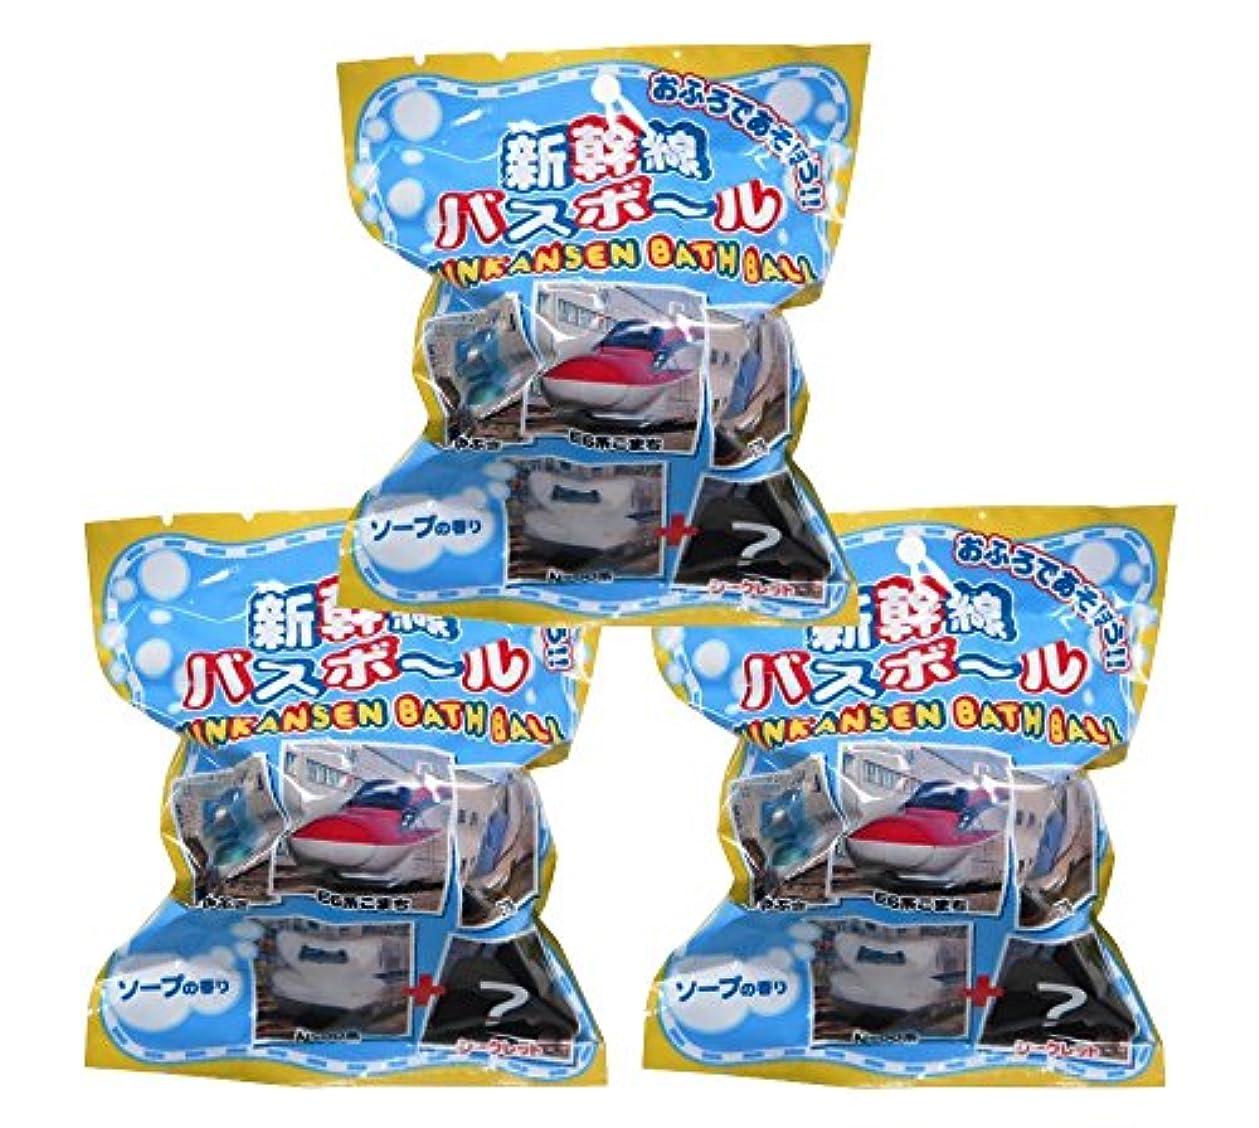 夜間遠い良いJR新幹線 入浴剤 マスコットが飛び出るバスボール 3個セット